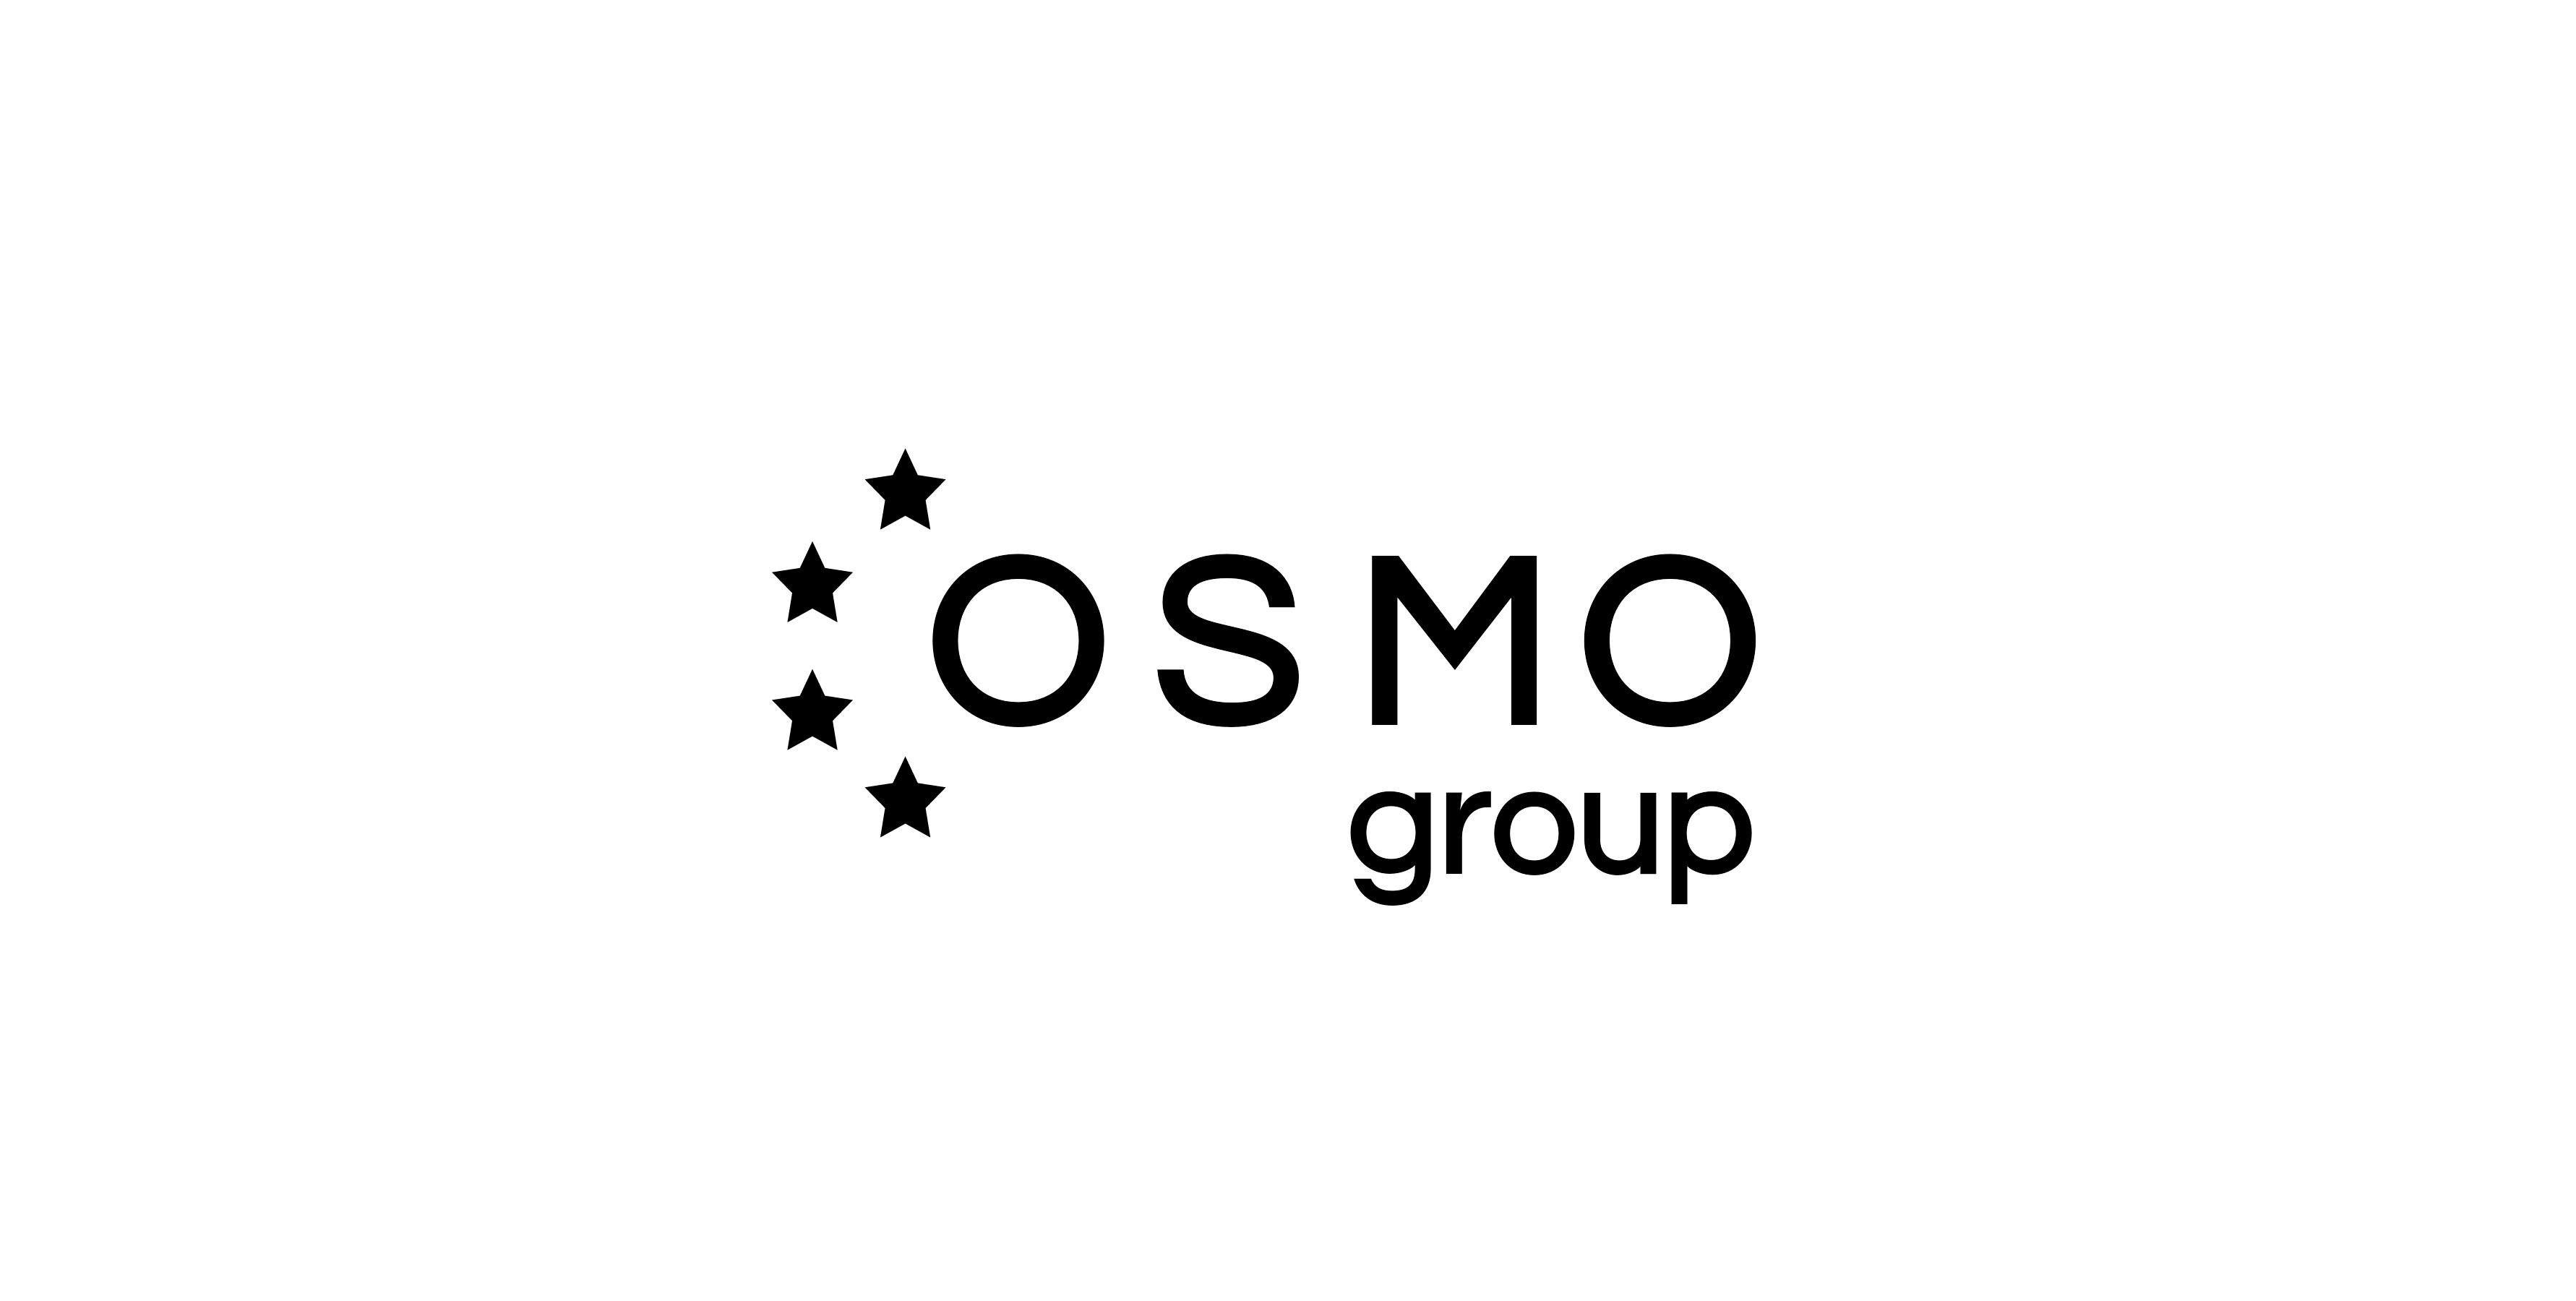 Создание логотипа для строительной компании OSMO group  фото f_73959b6f00bc403e.png